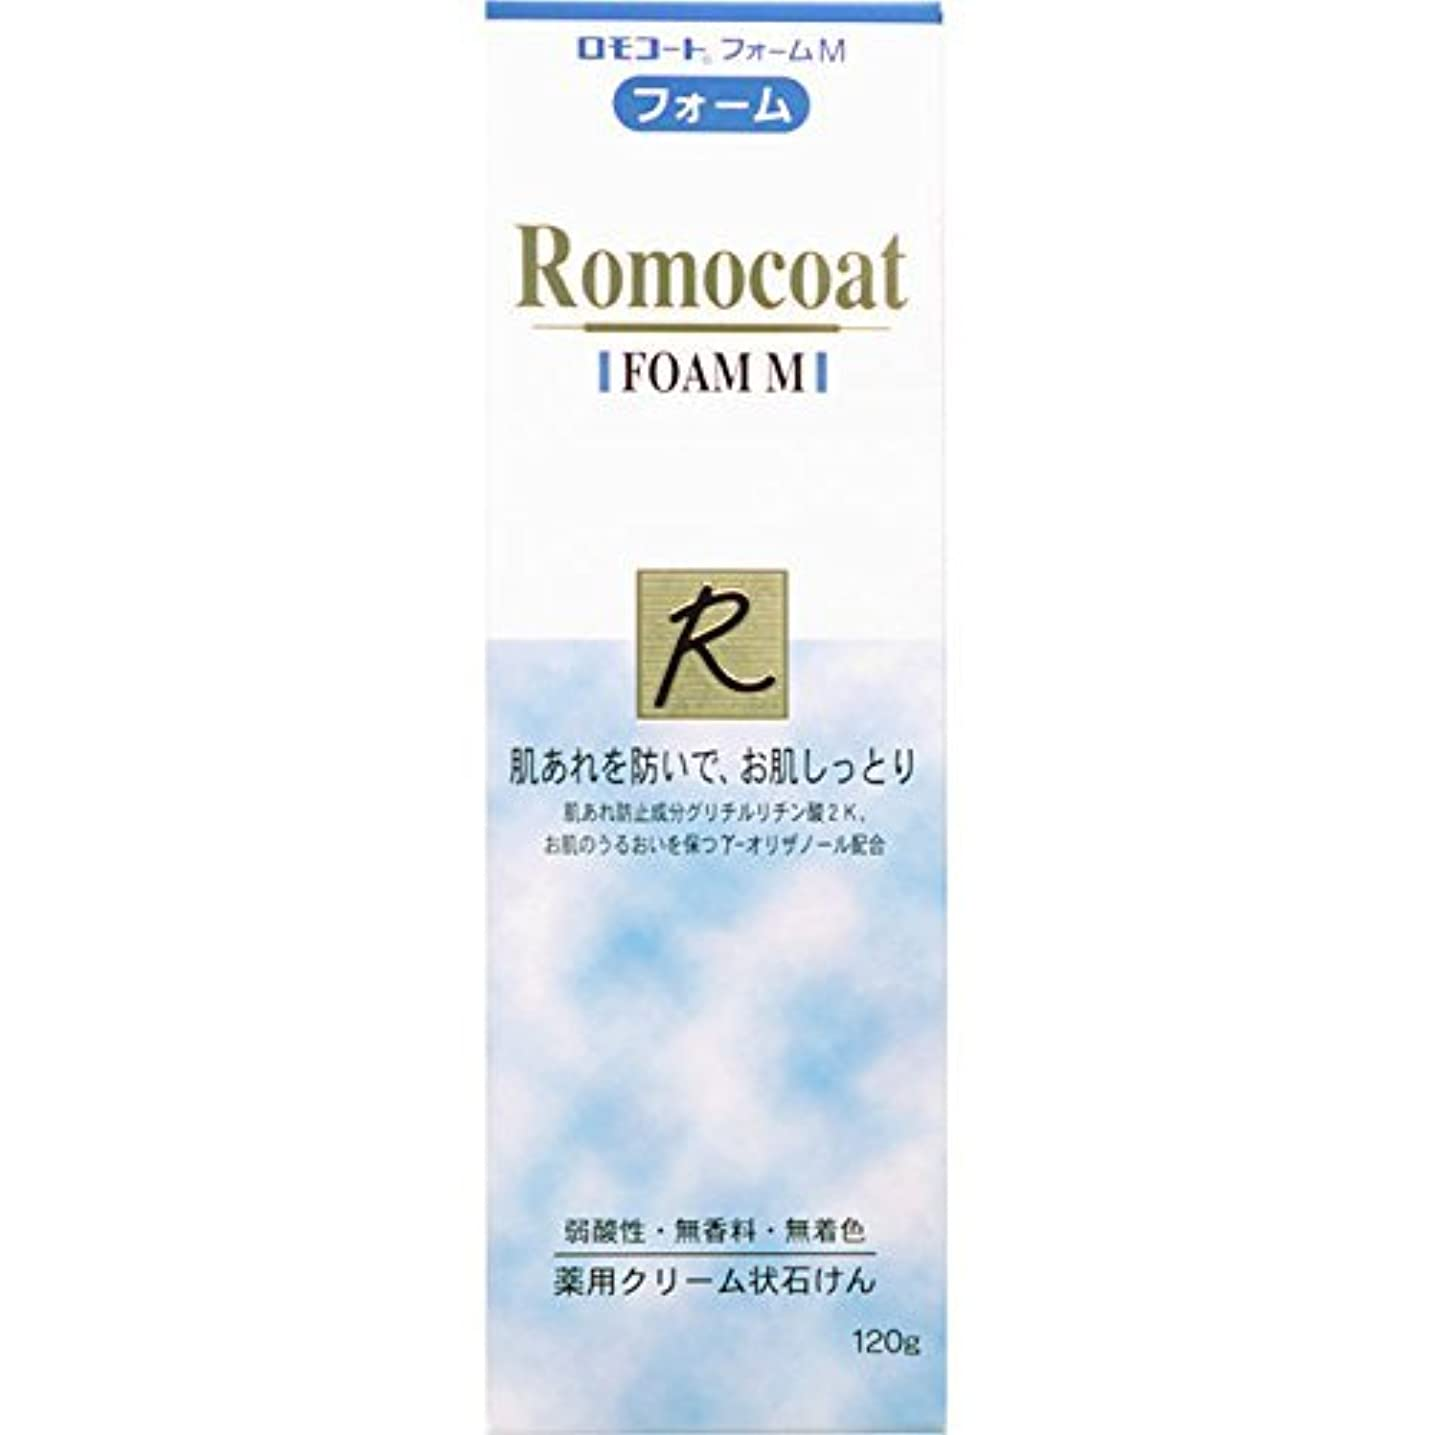 木曜日恋人報いる【2個】ロモコートフォームM 120gx2個 (4987305032621-2)